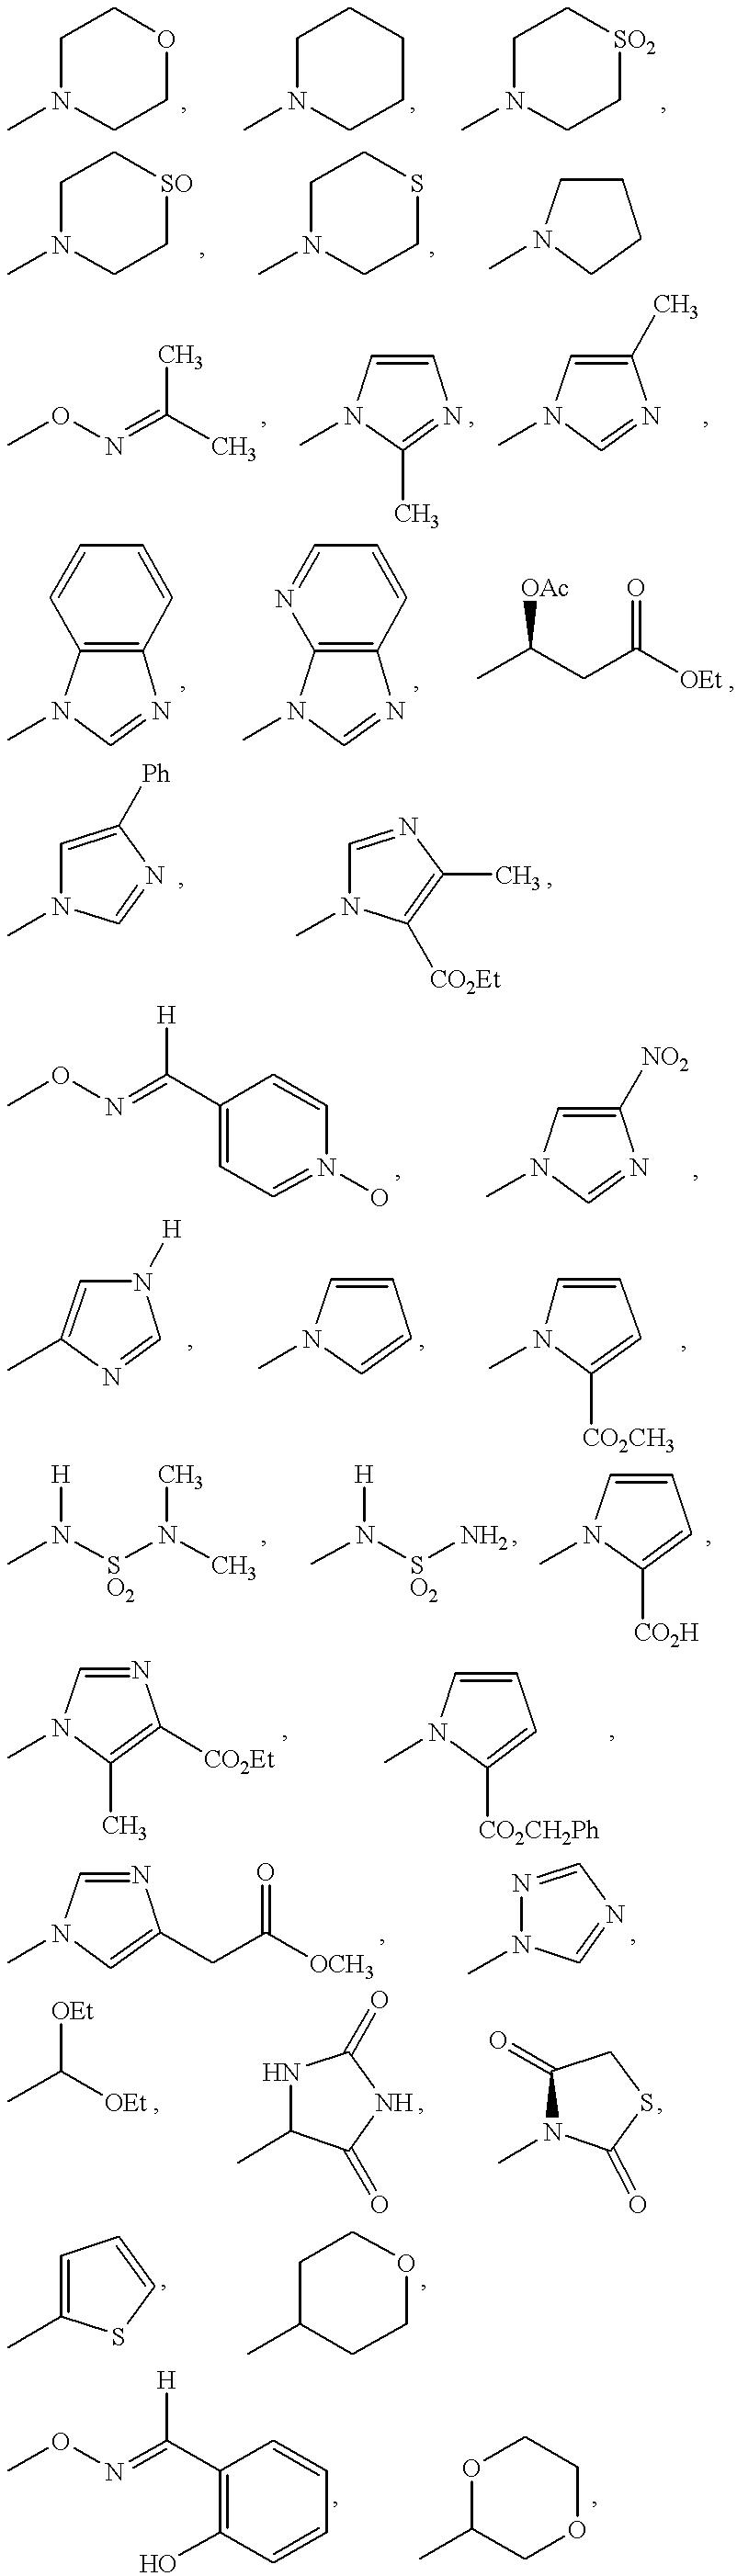 Figure US06387905-20020514-C00361